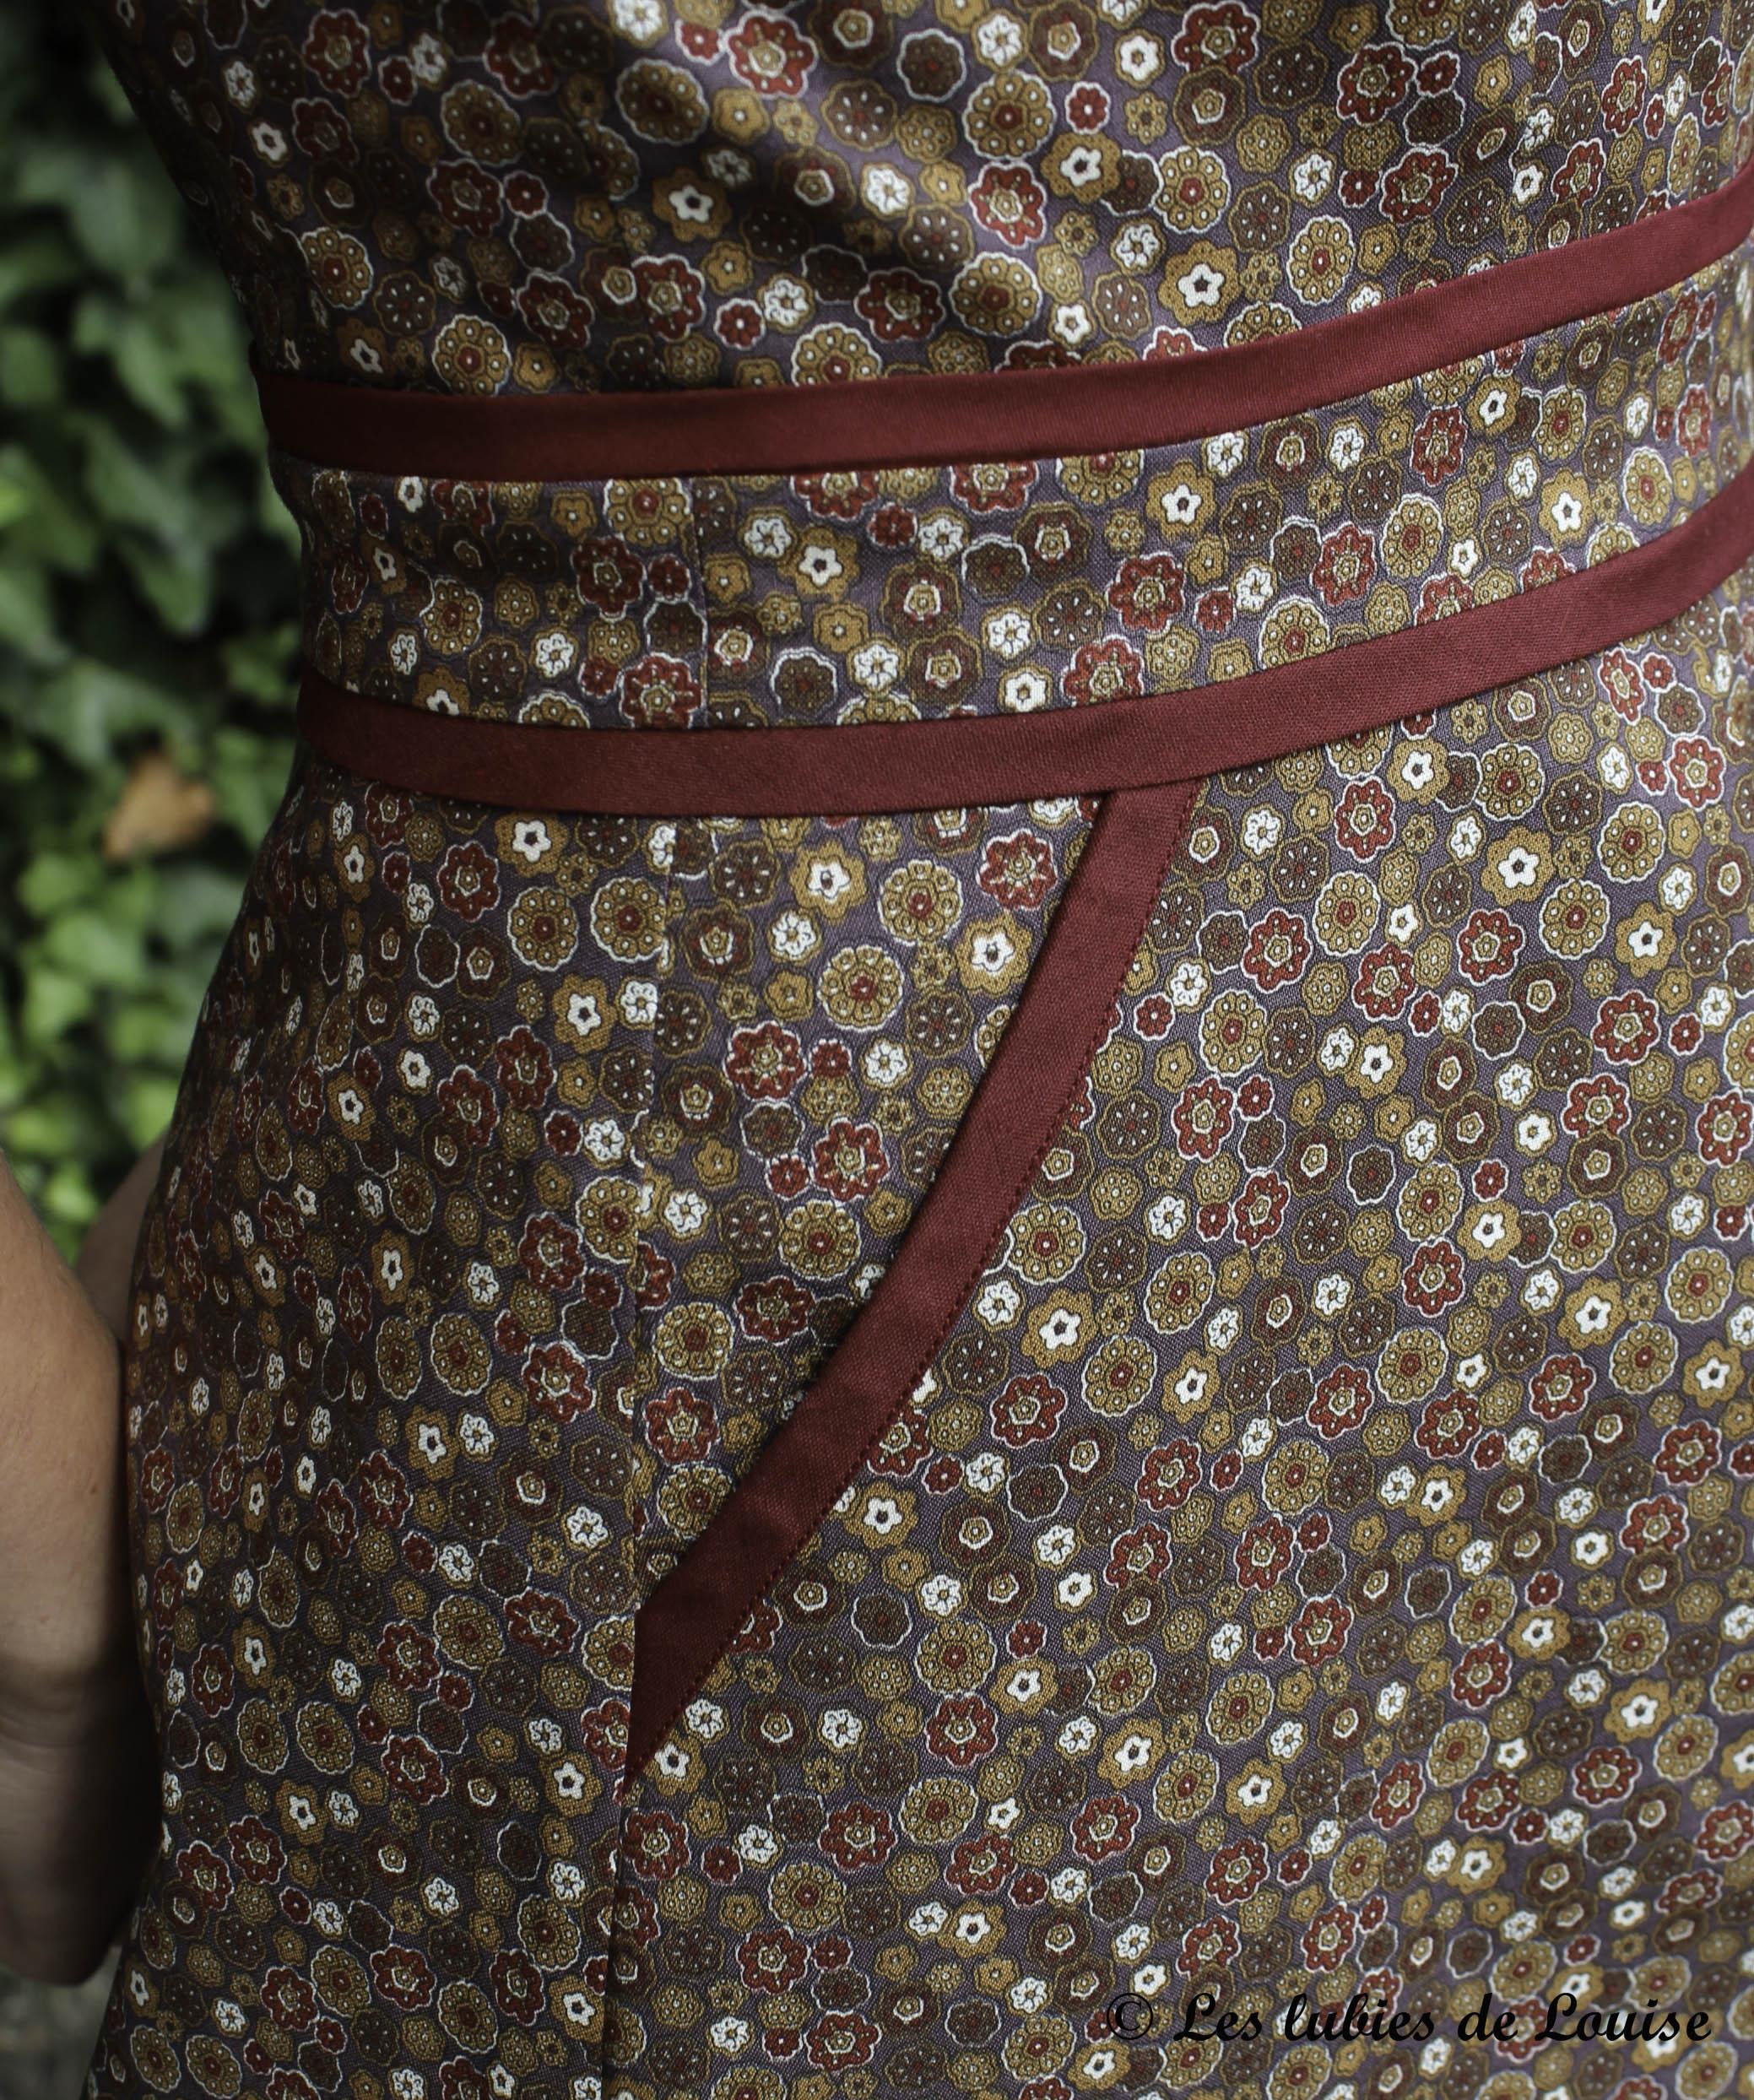 Belladone d'automne - Les lubies de Louise (8 sur 9)